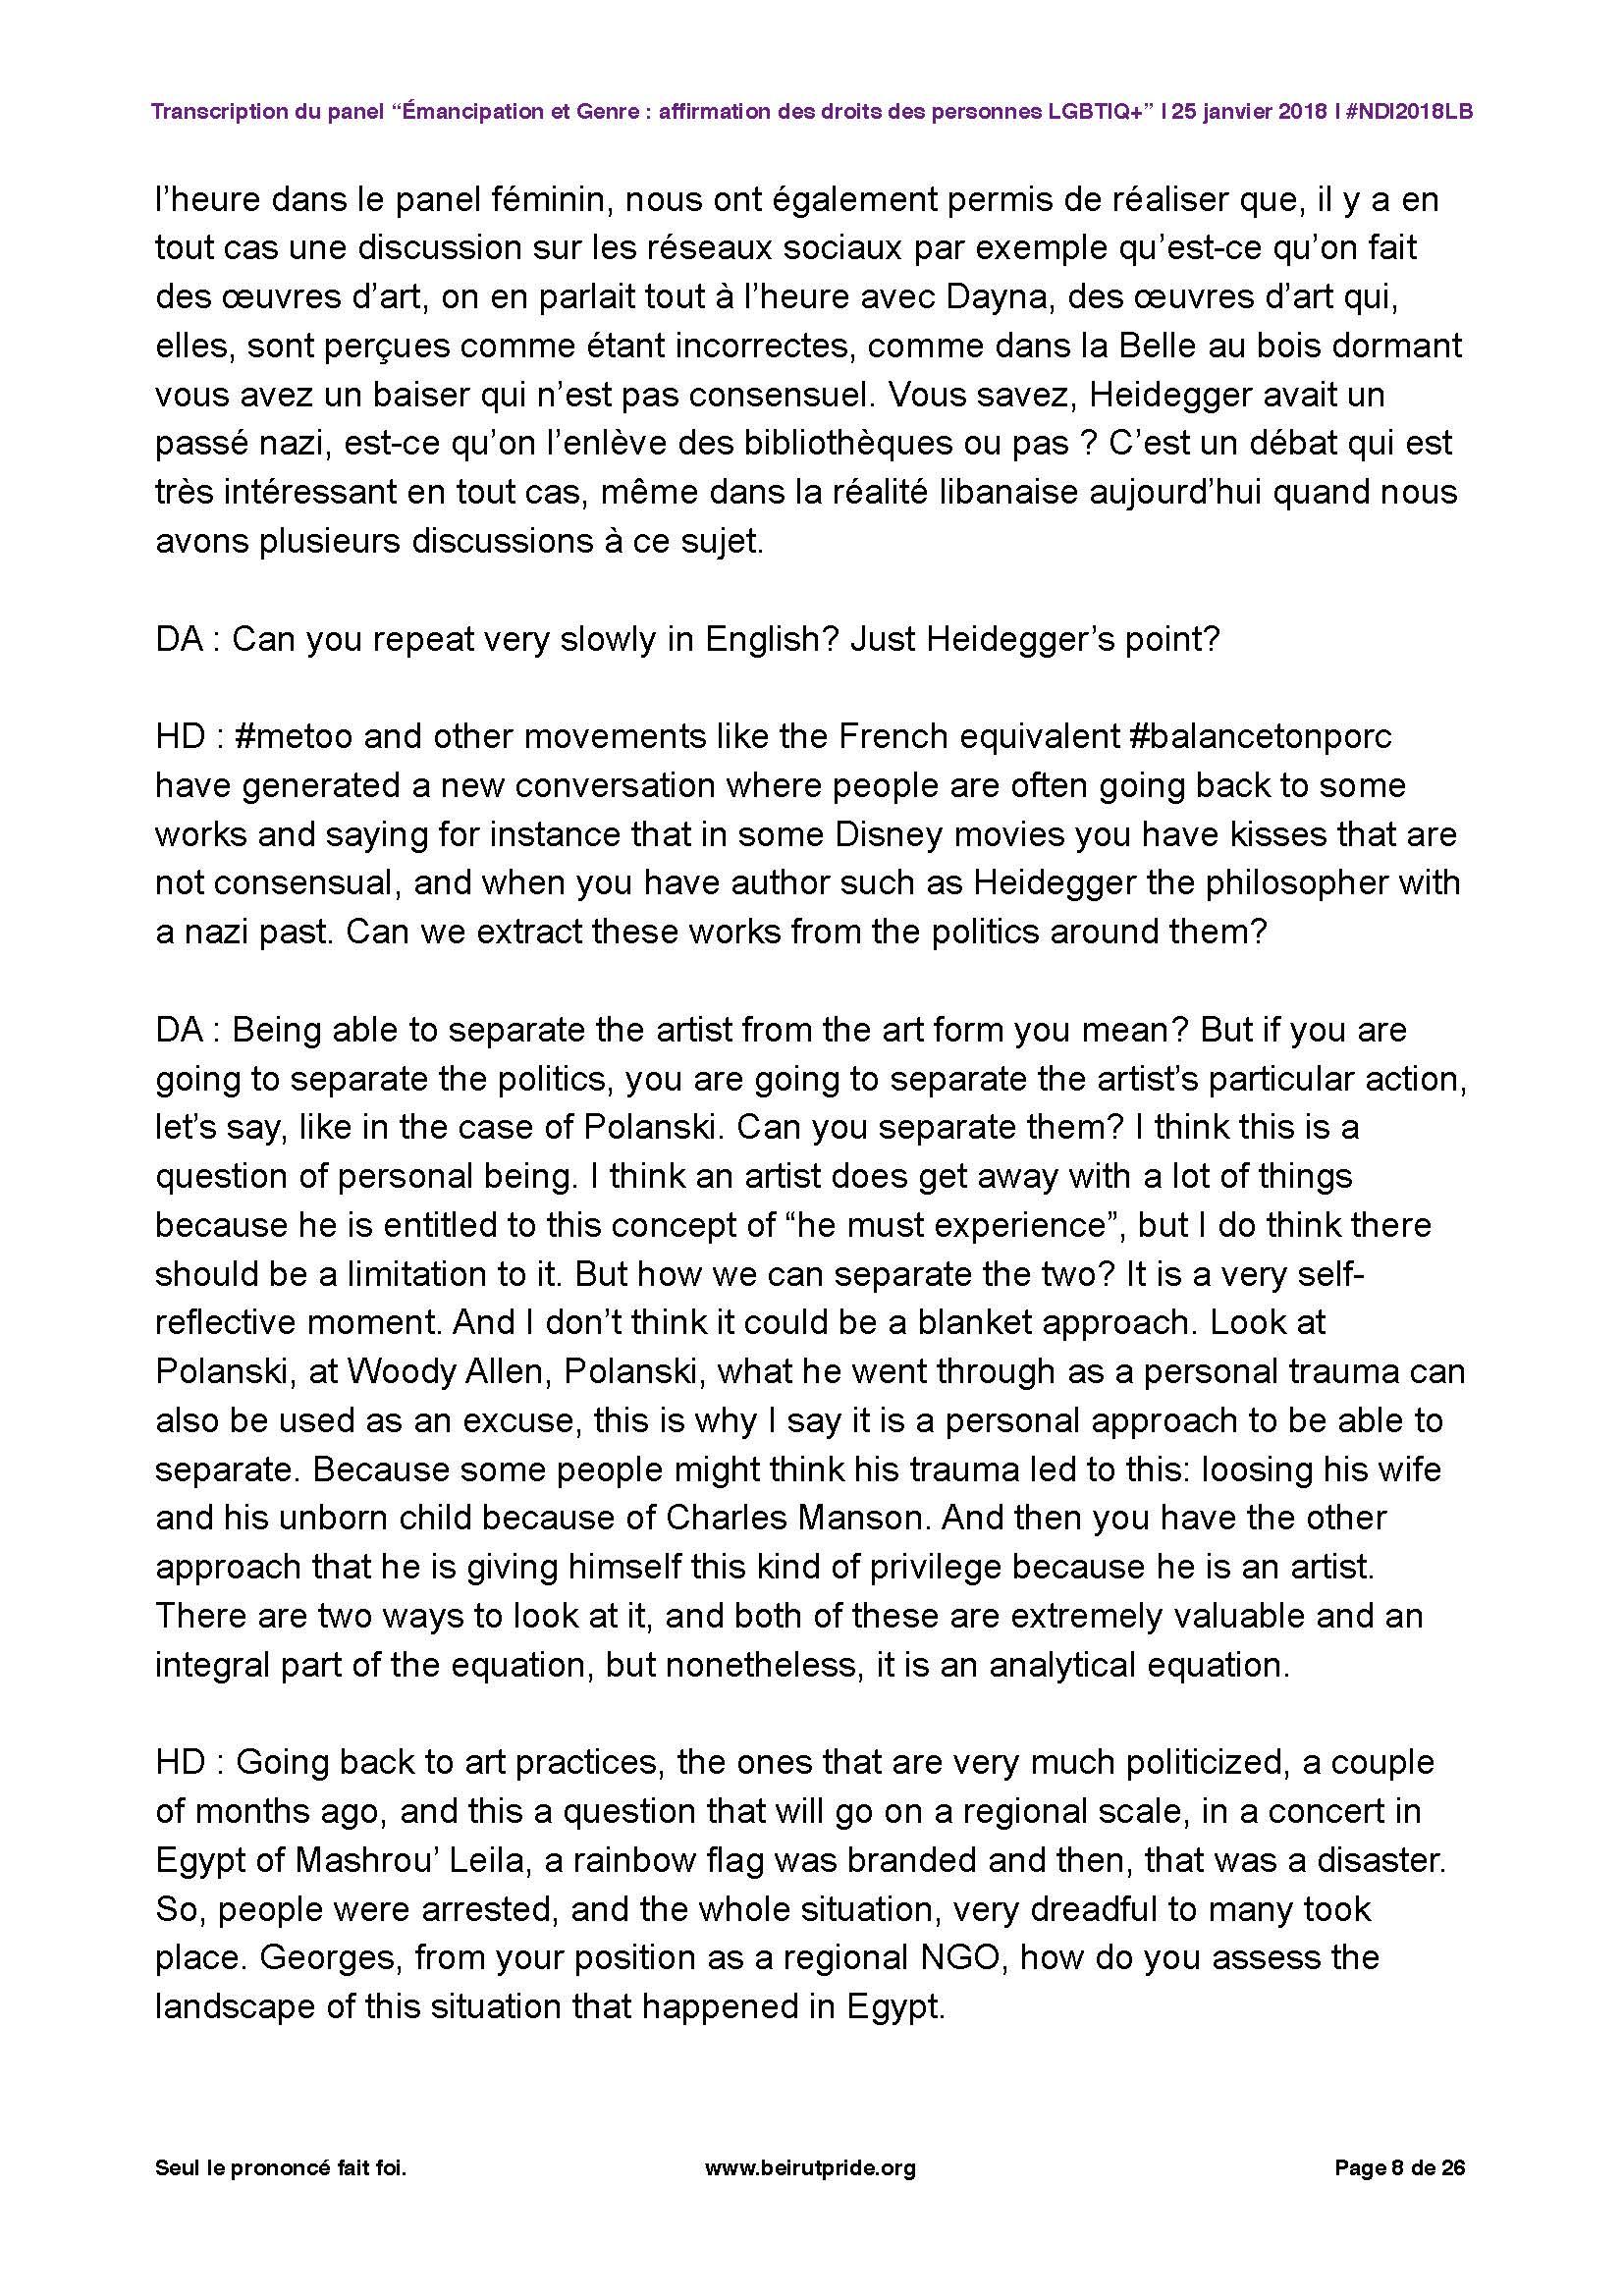 Transcription Nuit des idées 2018_Page_08.jpg